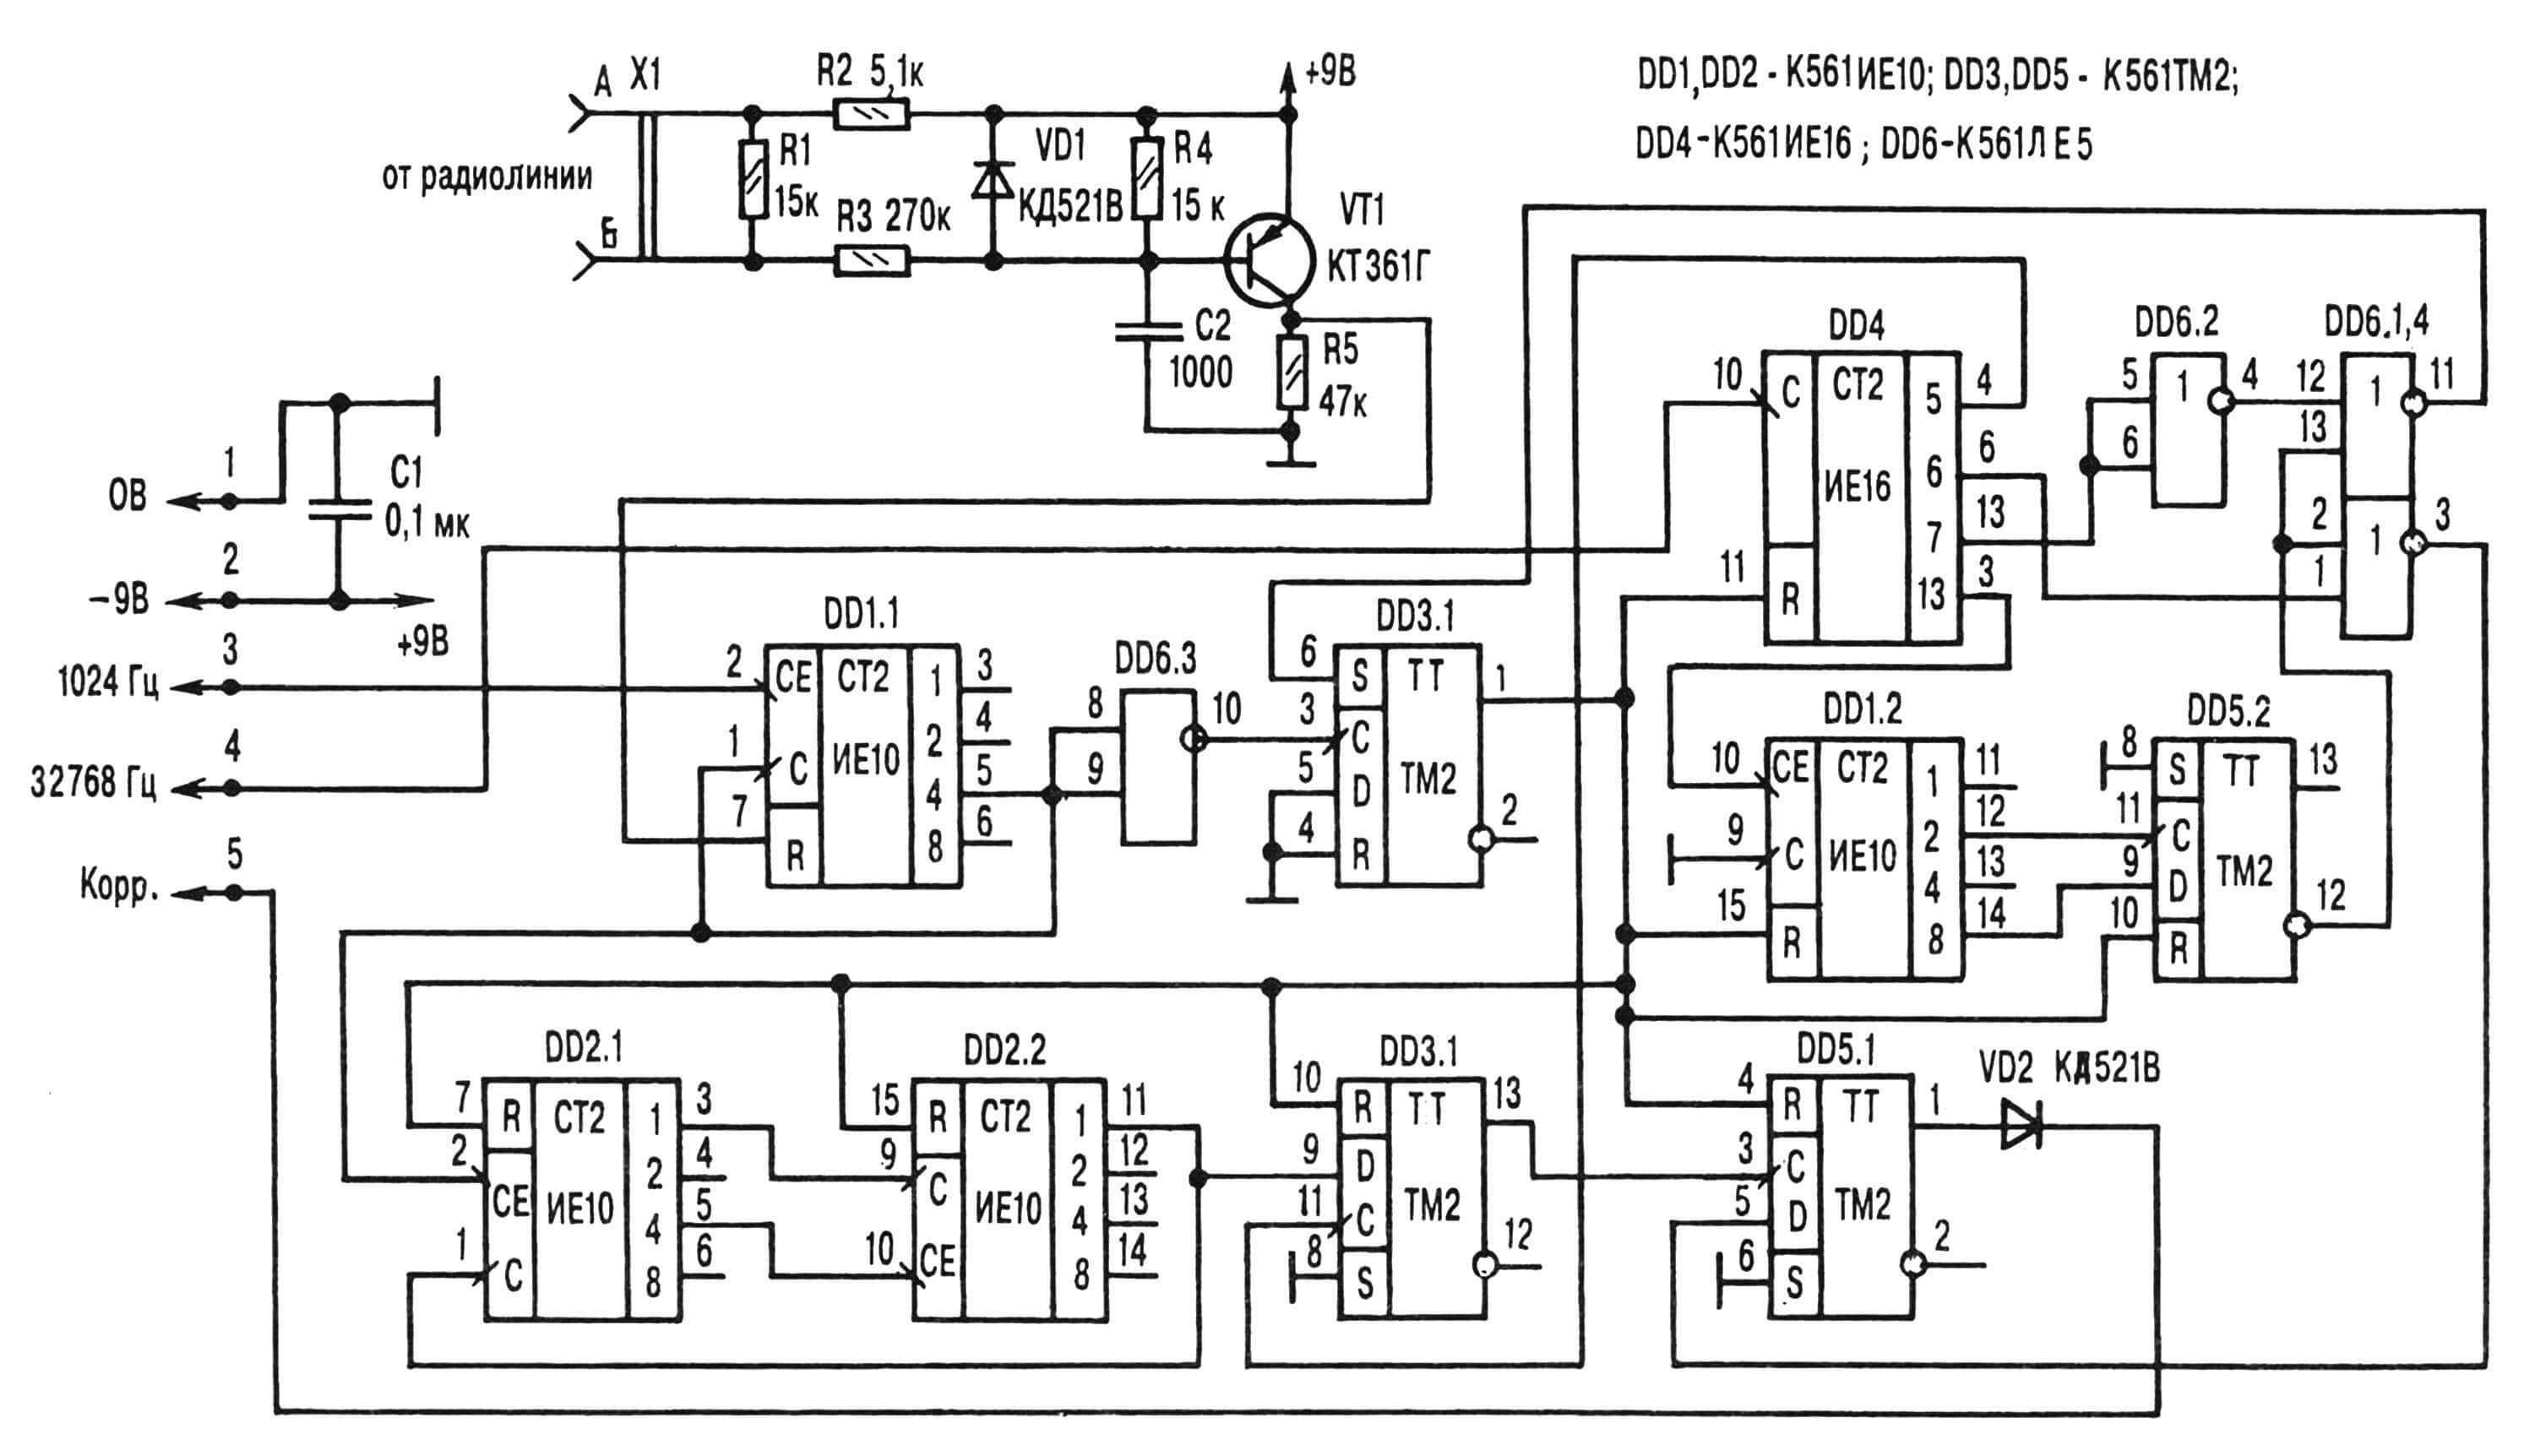 Рис. 2. Принципиальная электрическая схема самодельного устройства.